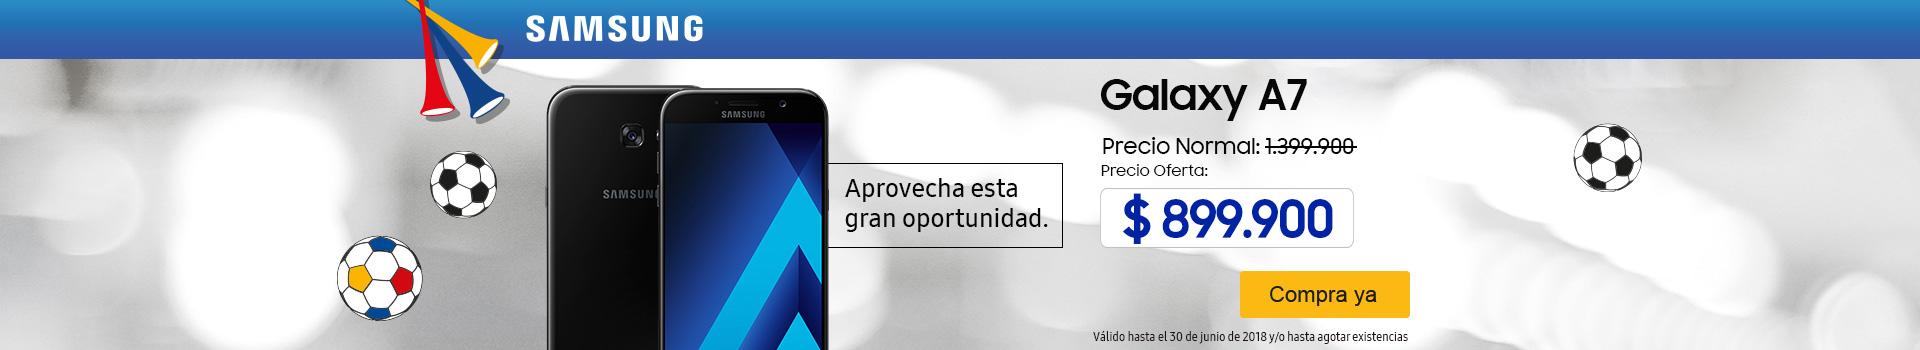 AK-KT-BCAT-1-celulares-PP-EXPM-Samsung-A7-Jun18